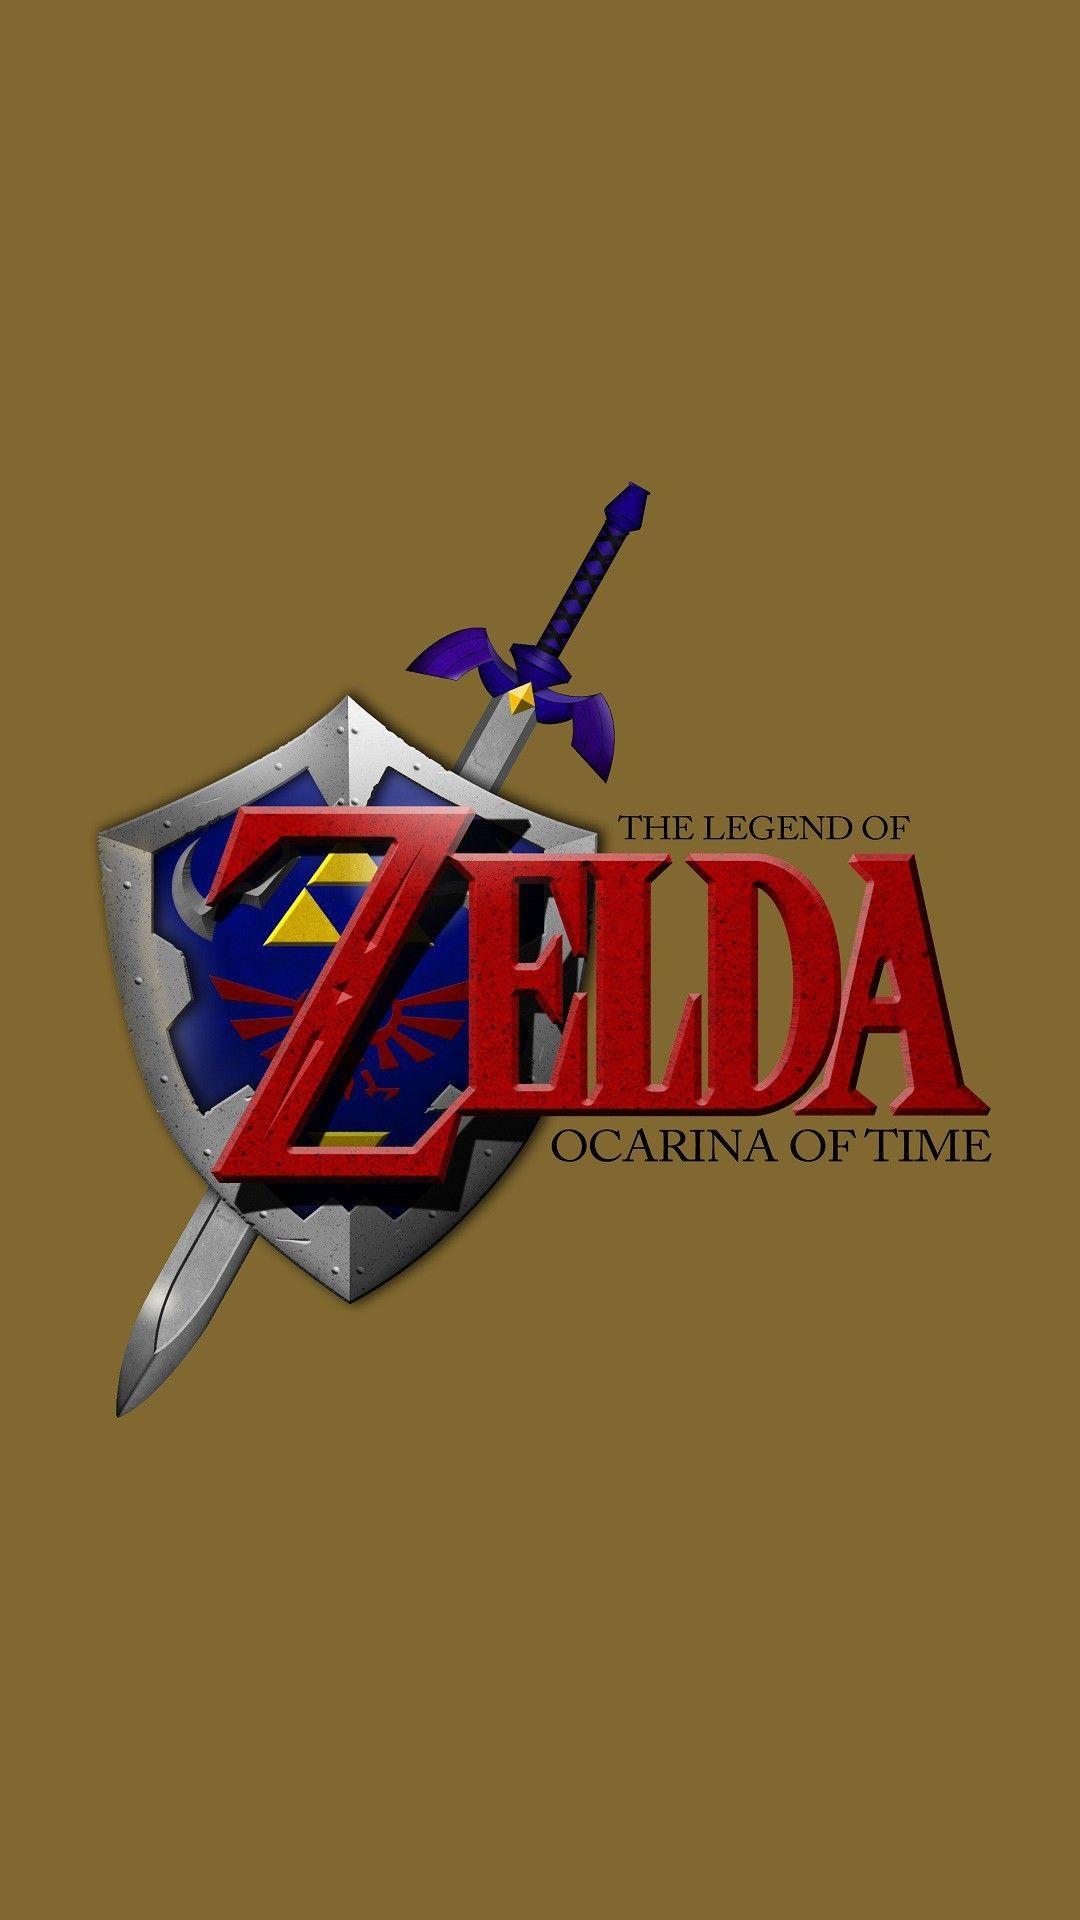 The Legend Of Zelda Wallpaper The Legend Of Zelda